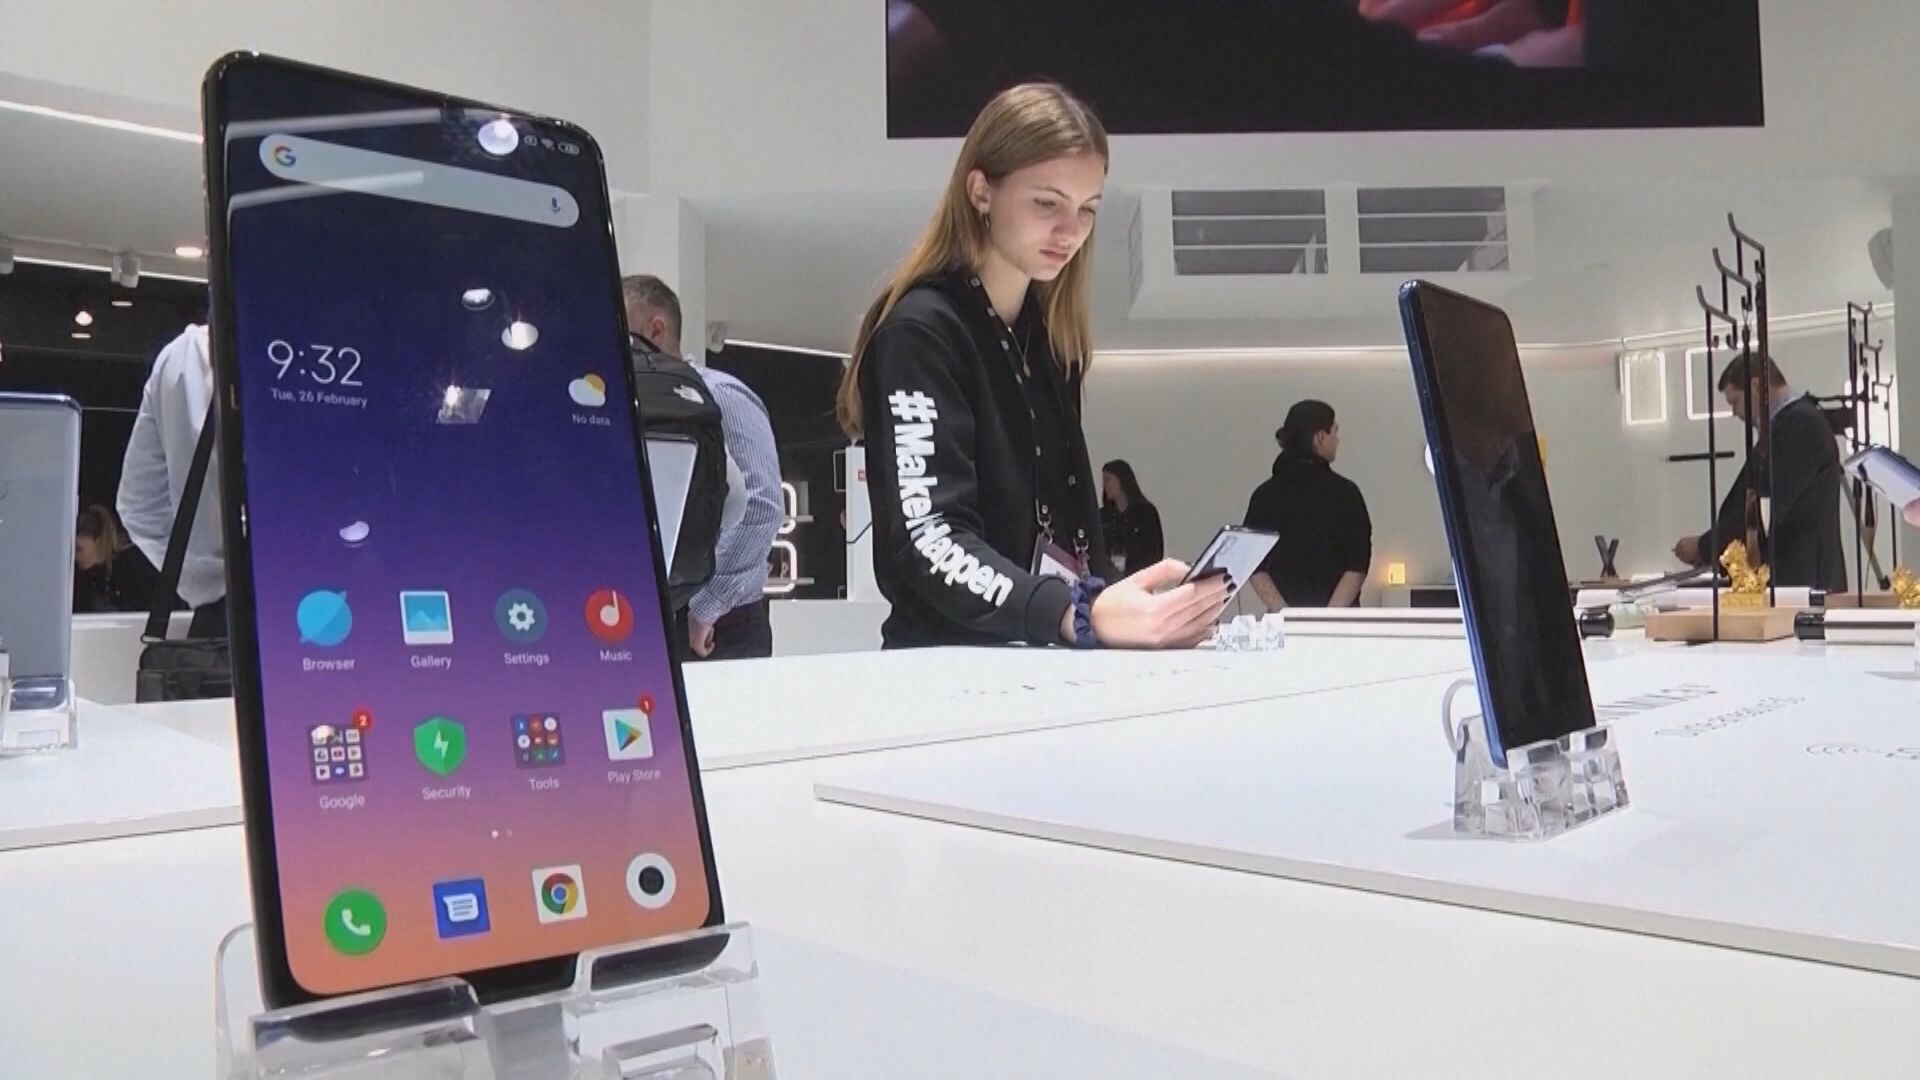 小米力壓Apple成全球手機銷售No.2